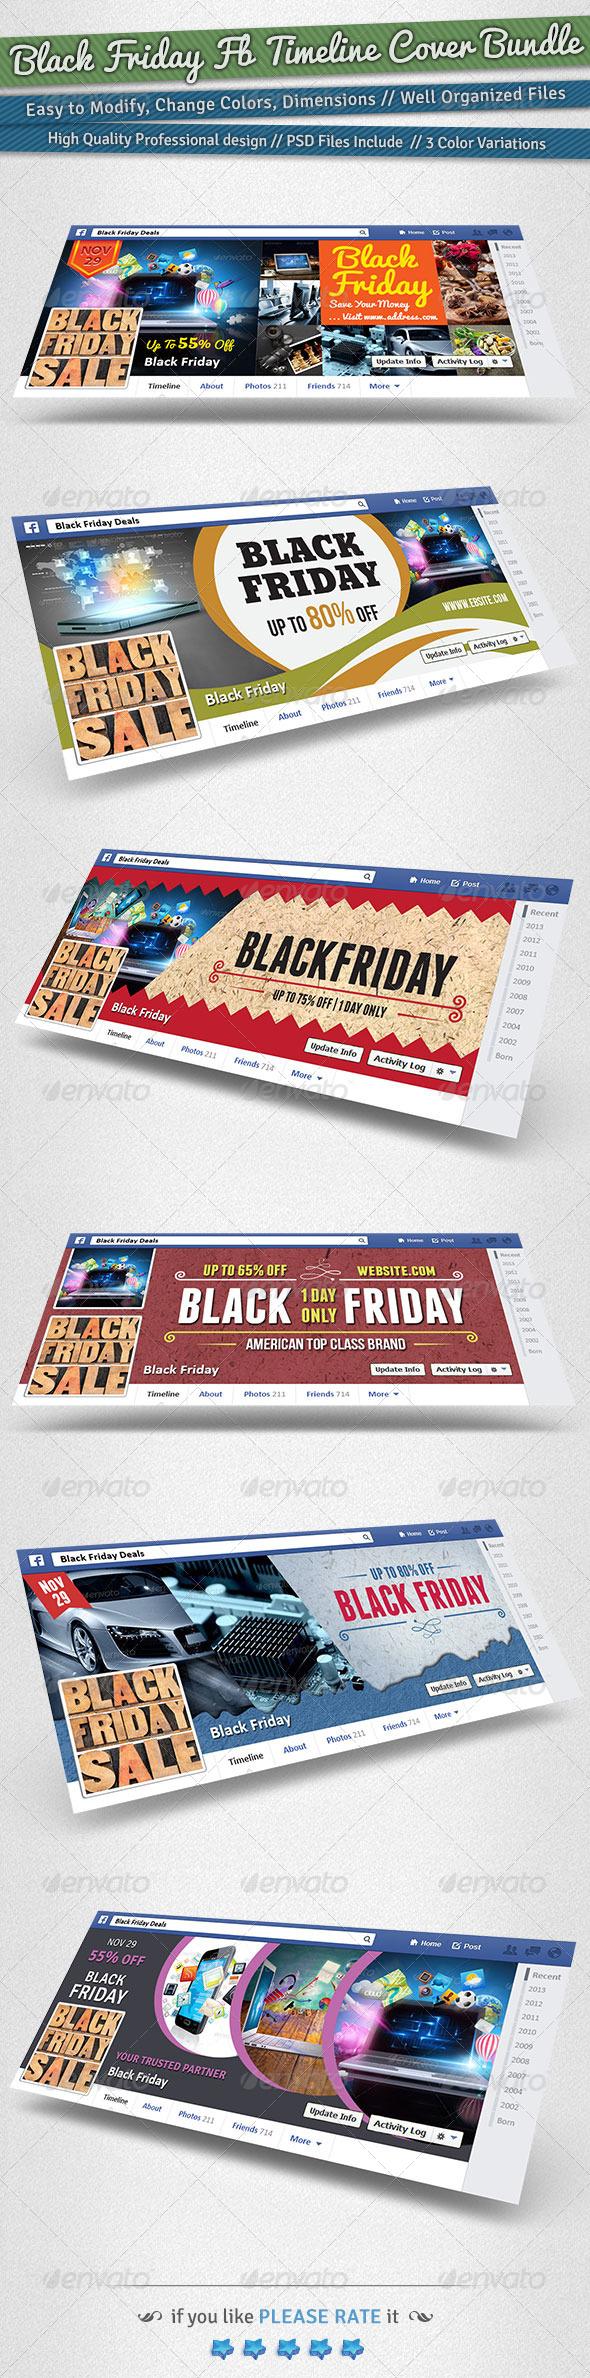 GraphicRiver Black Friday Promotion FB Timeline Cover Bundle 6249418